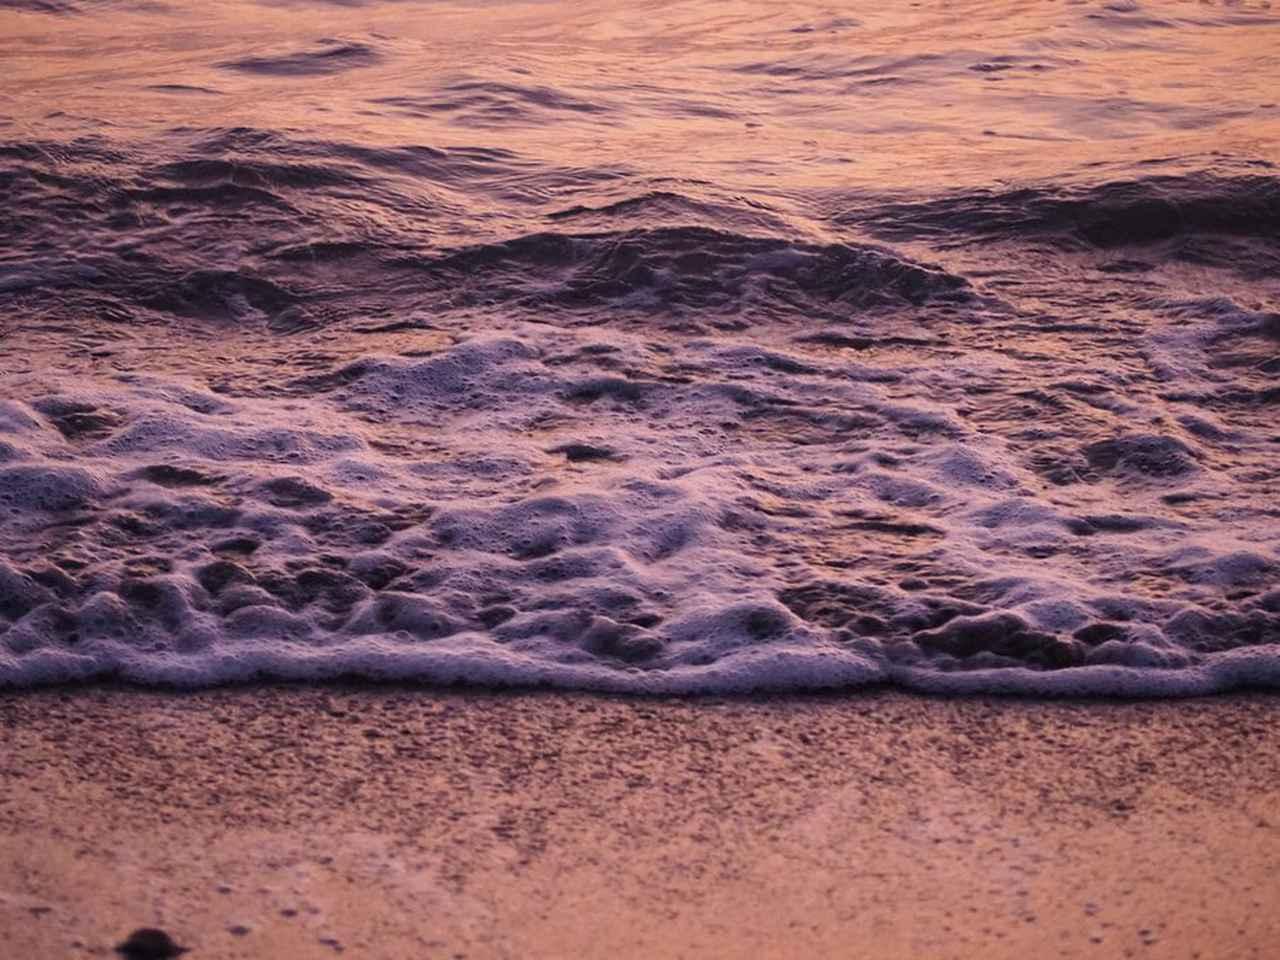 """画像1: 今井安紀(あきにゃん) on Instagram: """"We can see rosy, madder-reddish ocean only at magic hour. バラ色のような、茜色のような海が見られるのはこの時間だけ。 (150mm F5.6)  #olympus #olympuspen #olympuspenepl9…"""" www.instagram.com"""